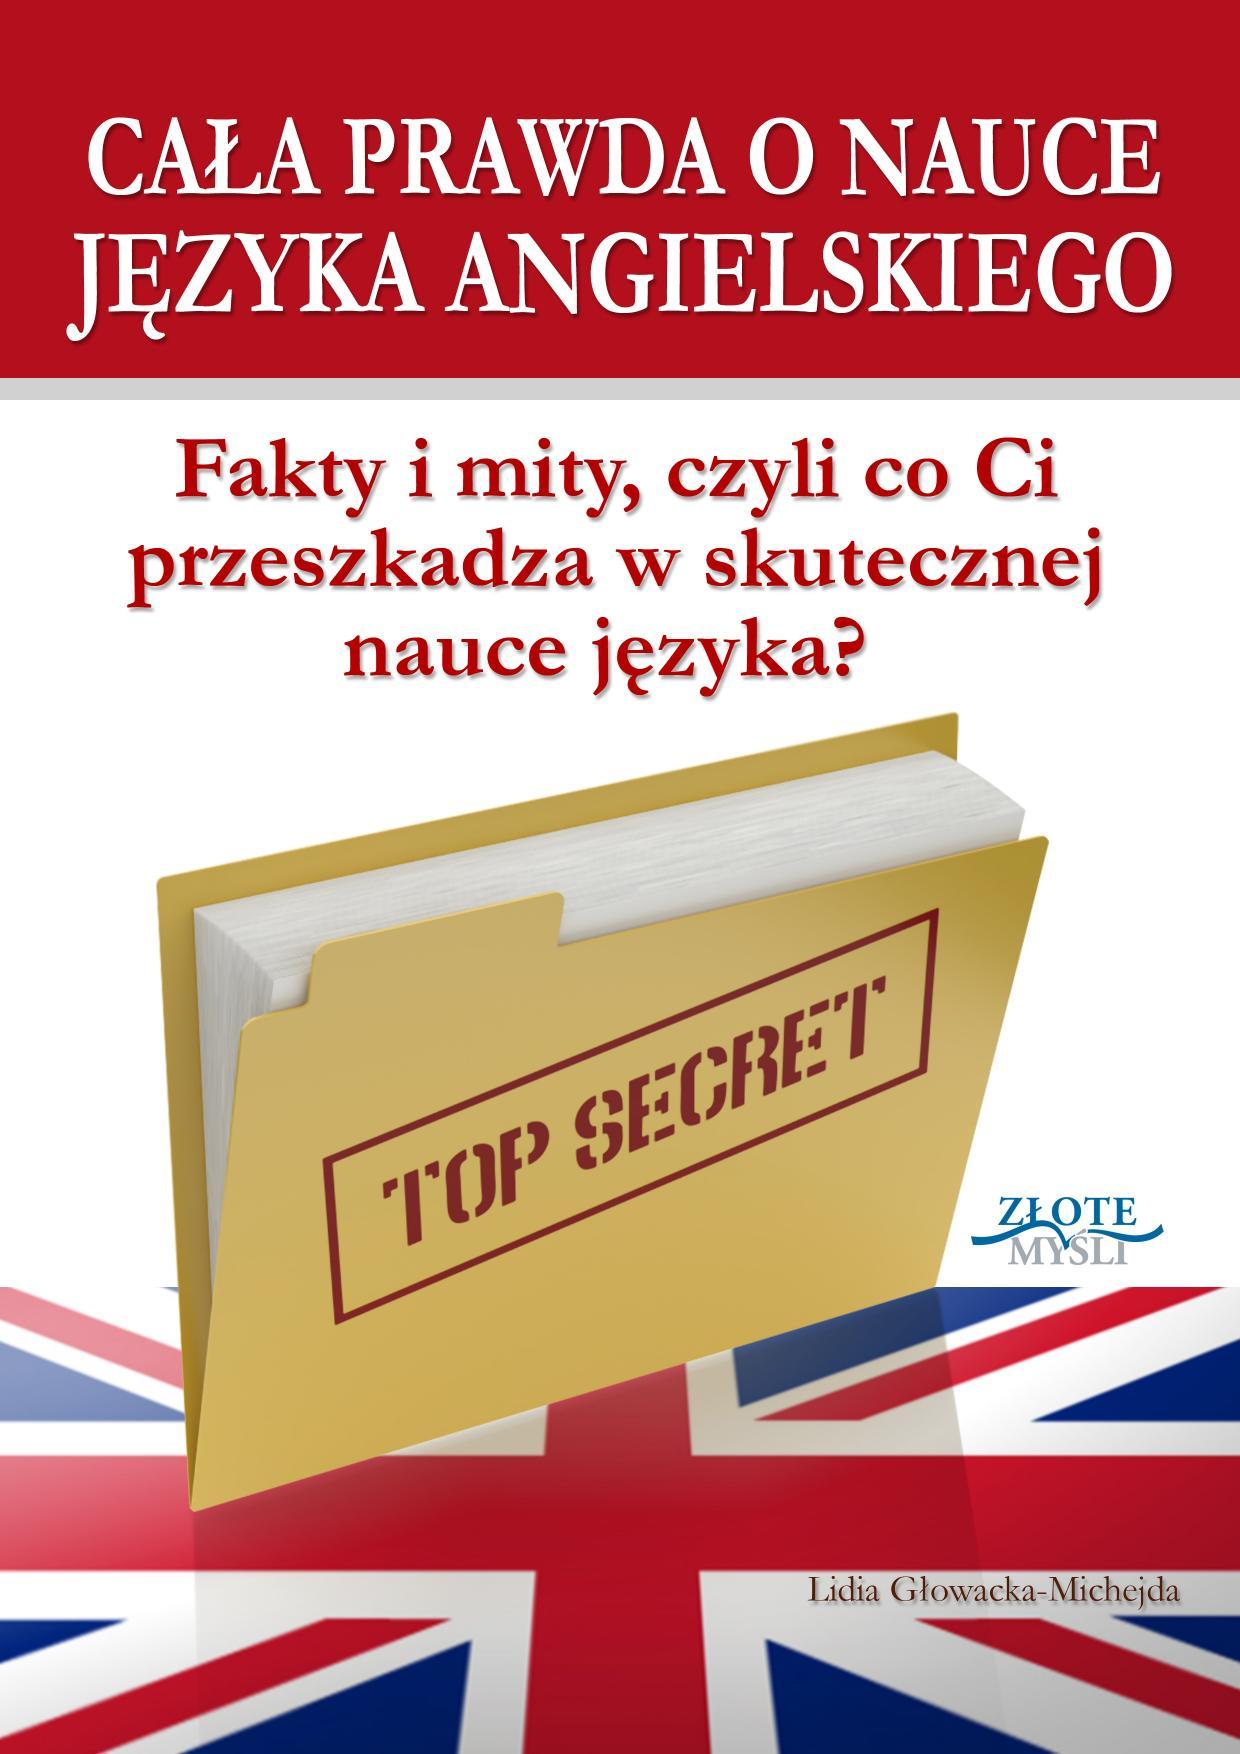 Lidia Głowacka-Michejda: Cała prawda o nauce języka angielskiego - okładka